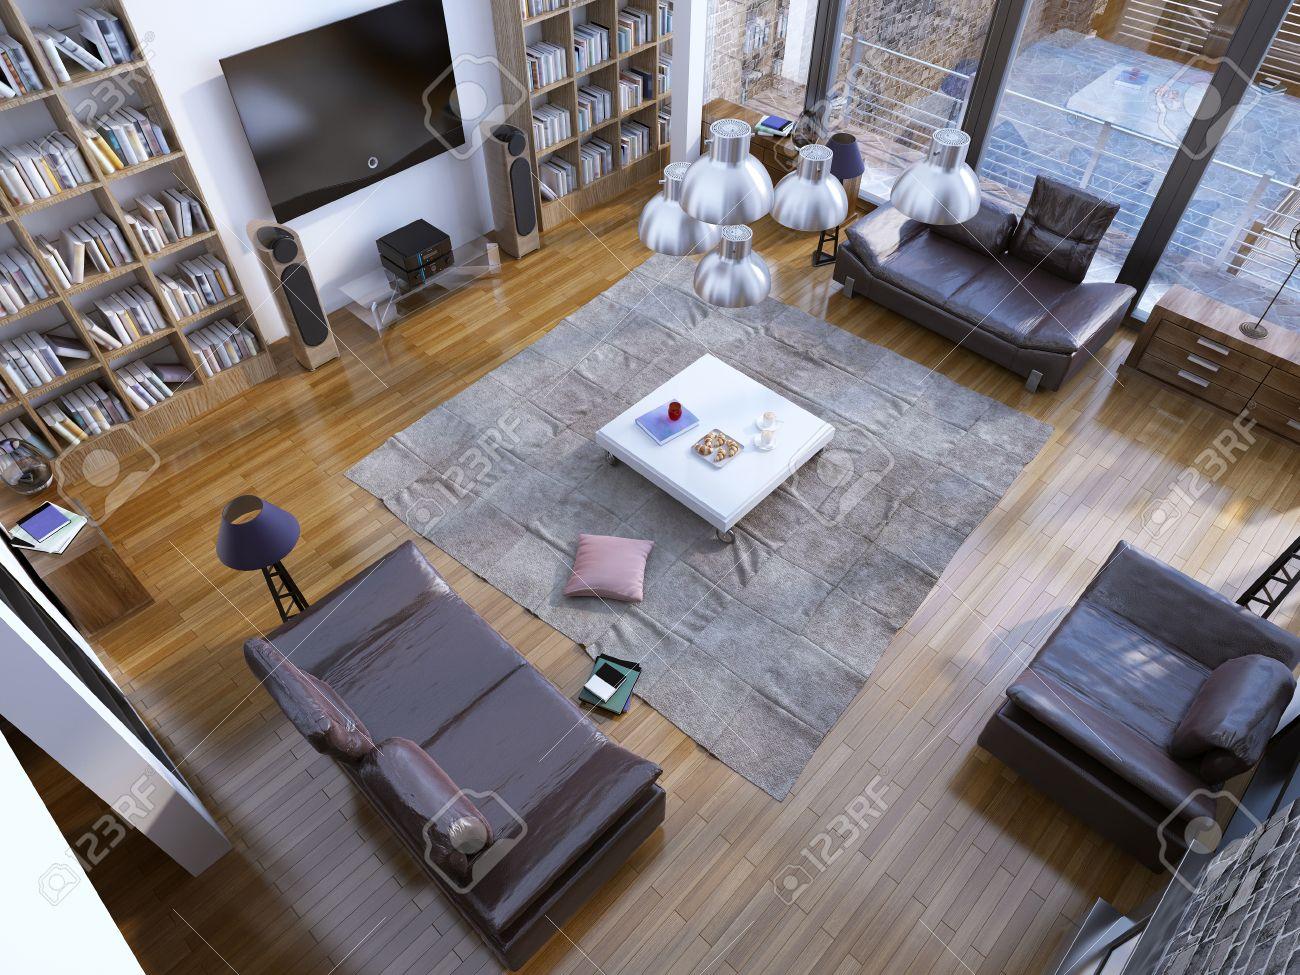 Fantastisch Design Der Modernen Wohnzimmer Mit Heim Bibliothek Und Weiß Niedrigen Tisch  In Der Mitte. 3D